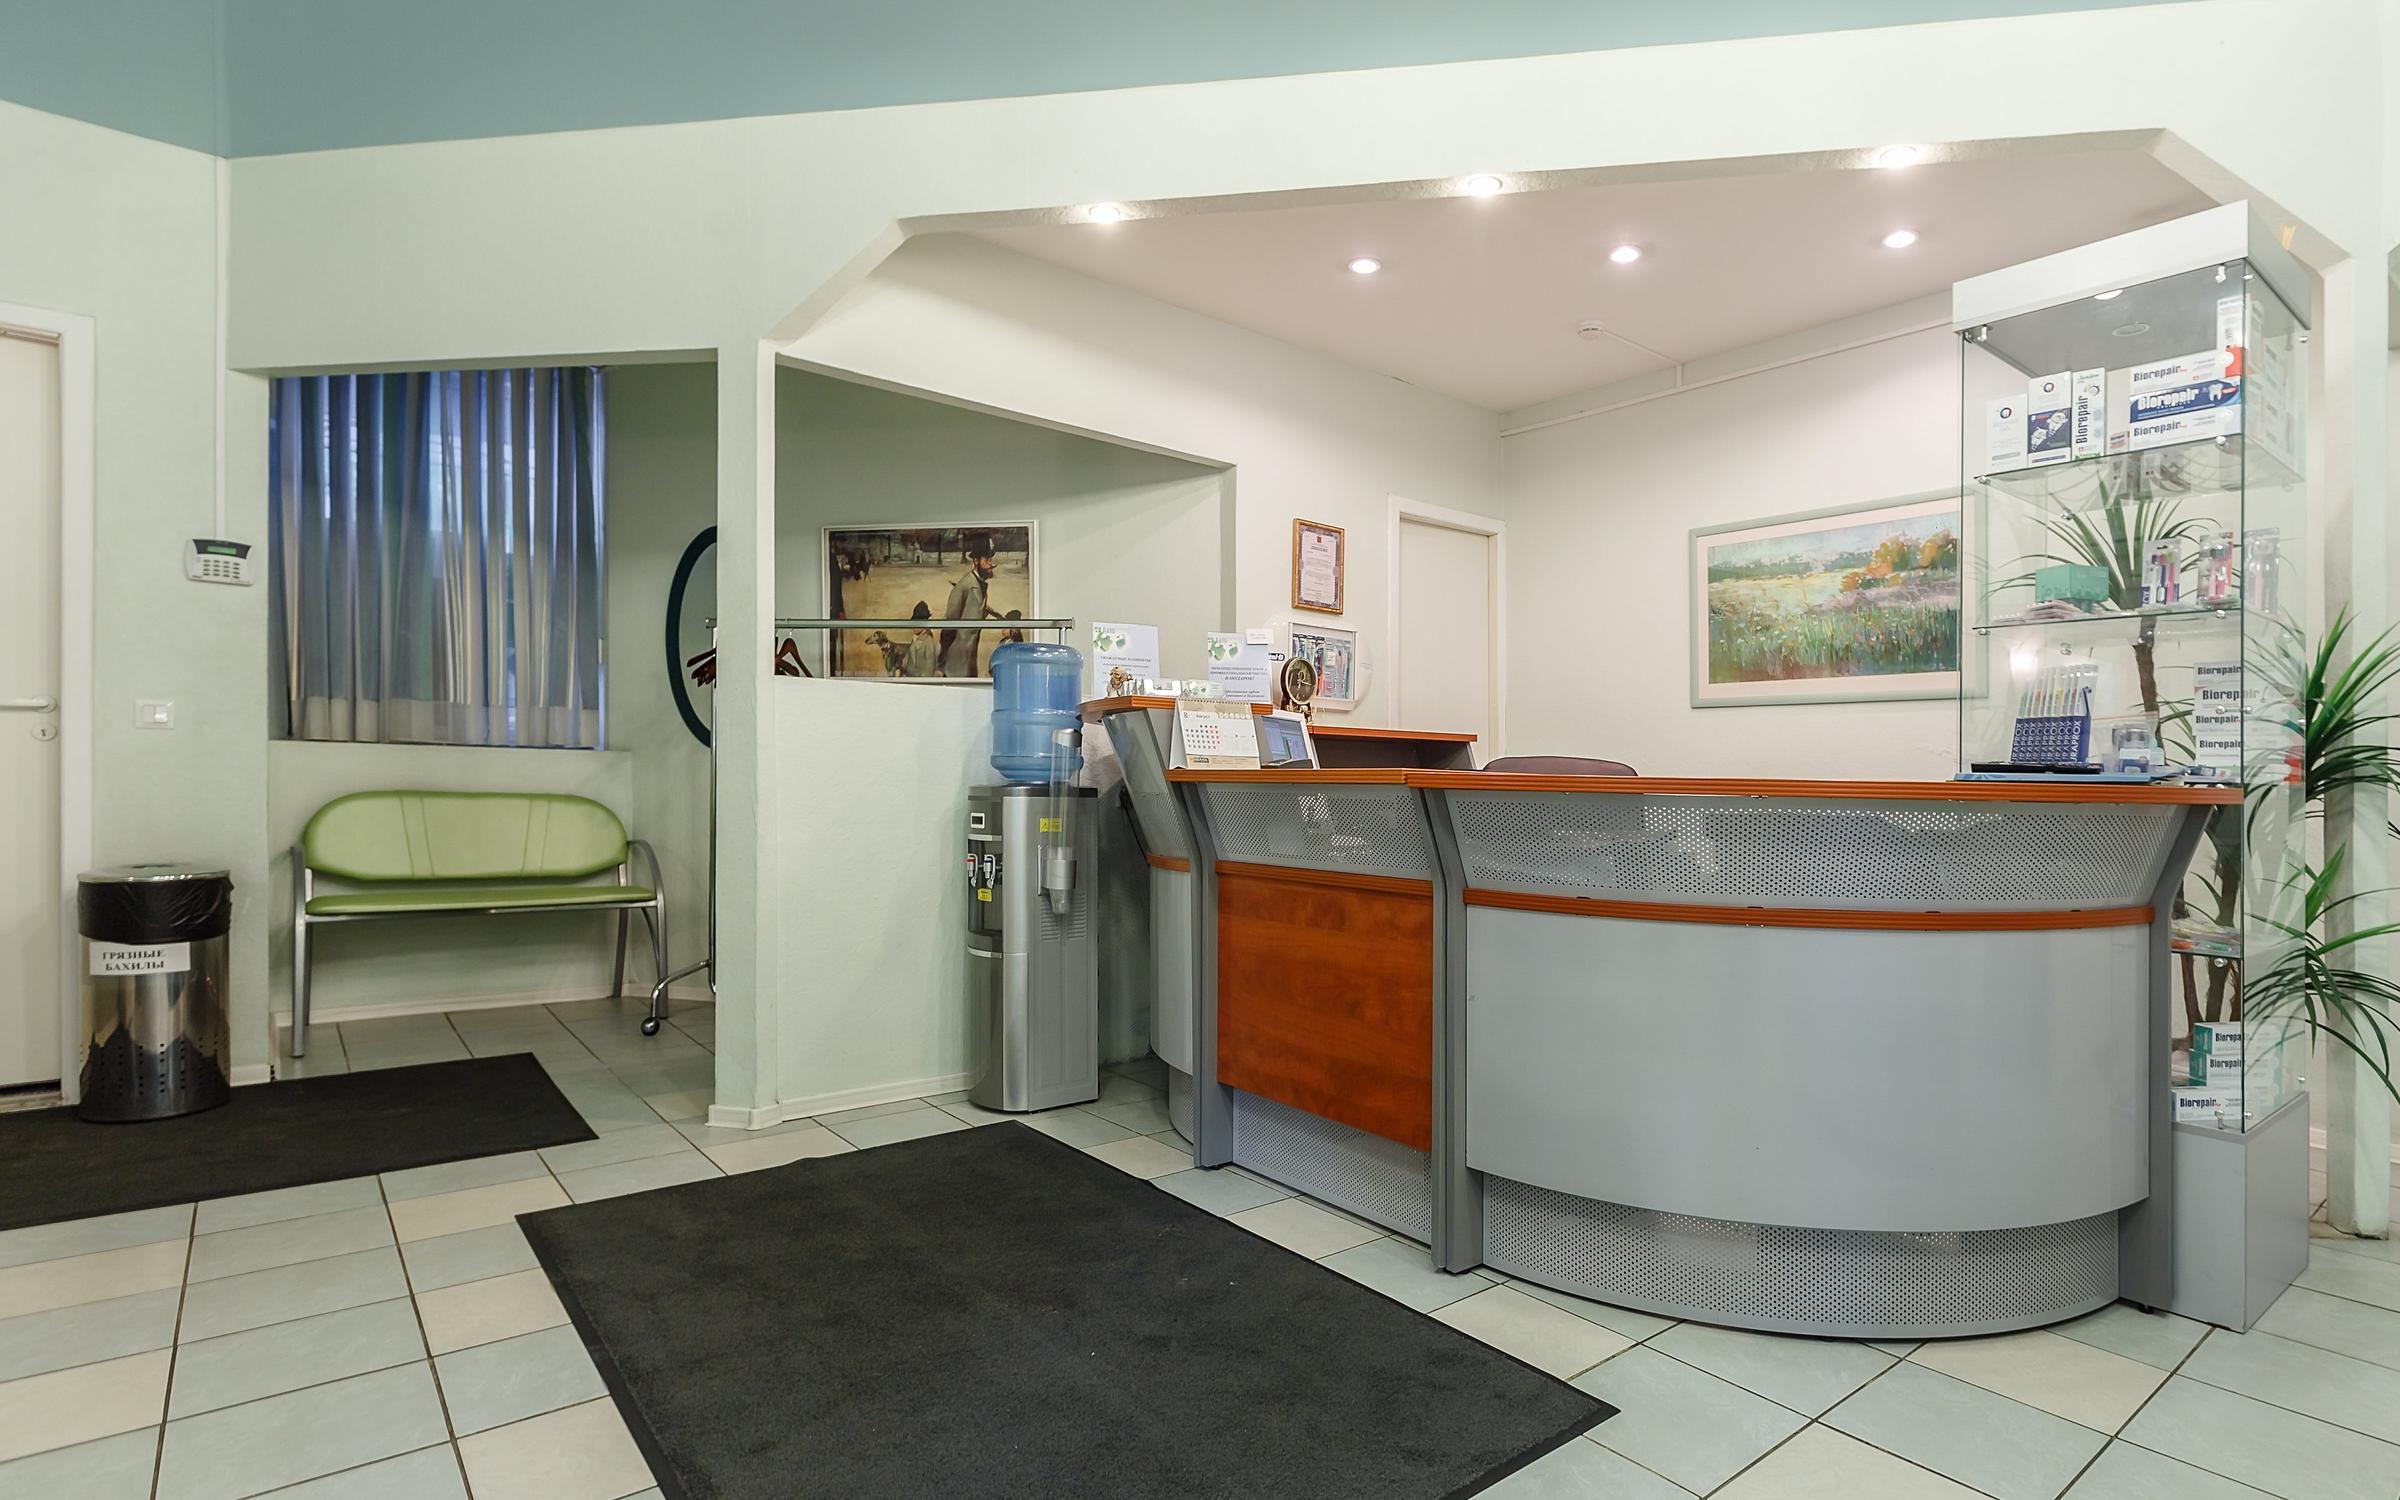 фотография Медицинского центра стоматологии и остеопатии Анле-Дент на Гаврской улице